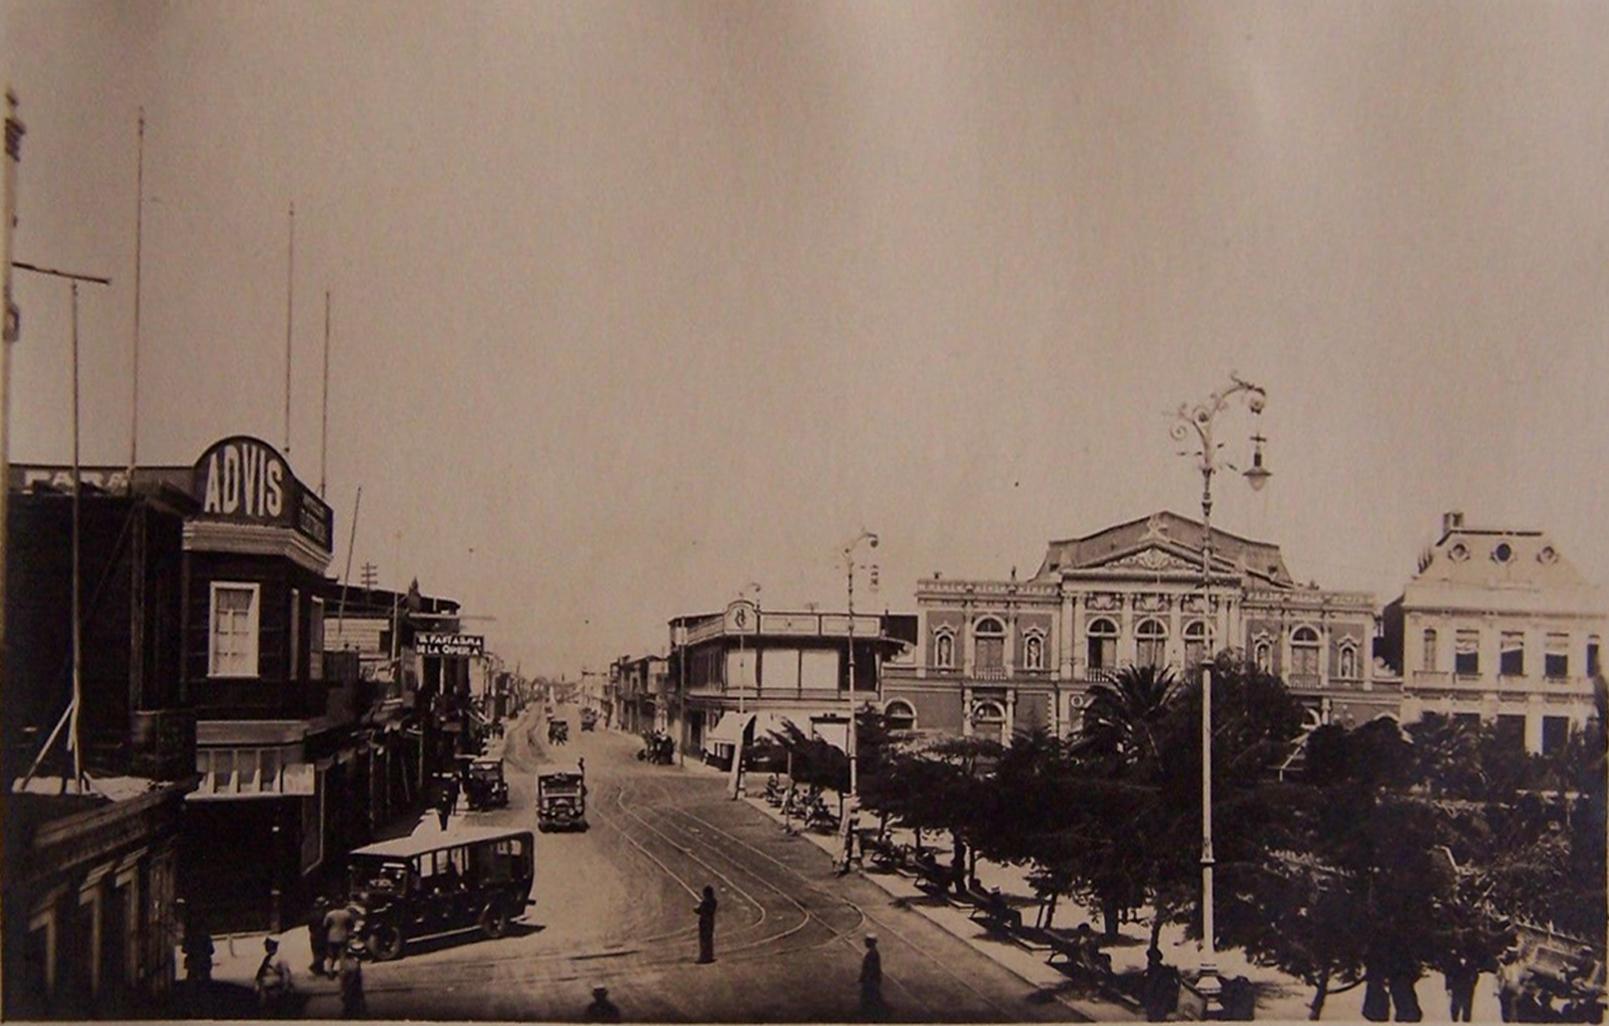 Enterreno - Fotos históricas de chile - fotos antiguas de Chile - Plaza Prat Iquique en 1925